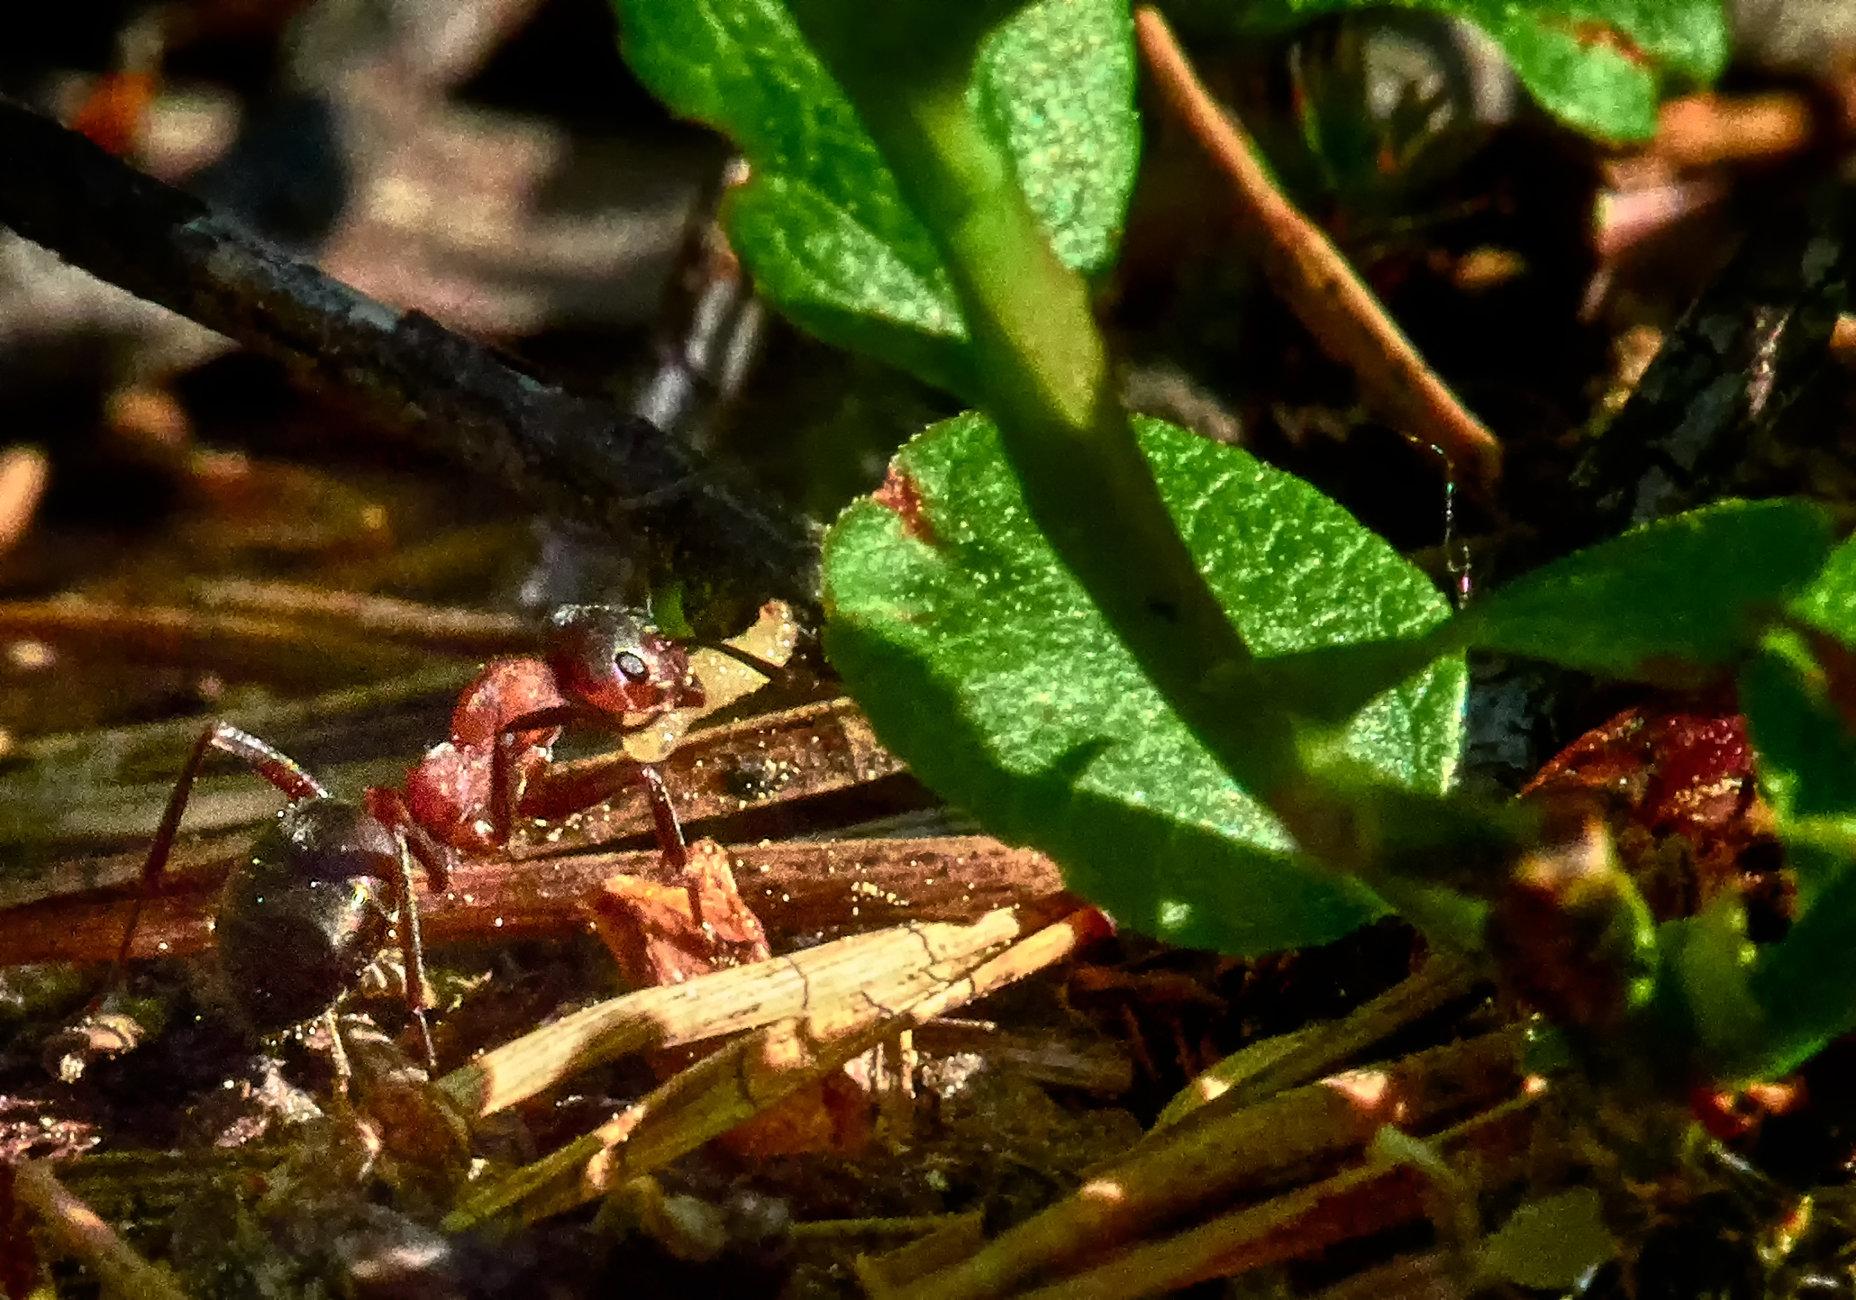 Ant in Espoo